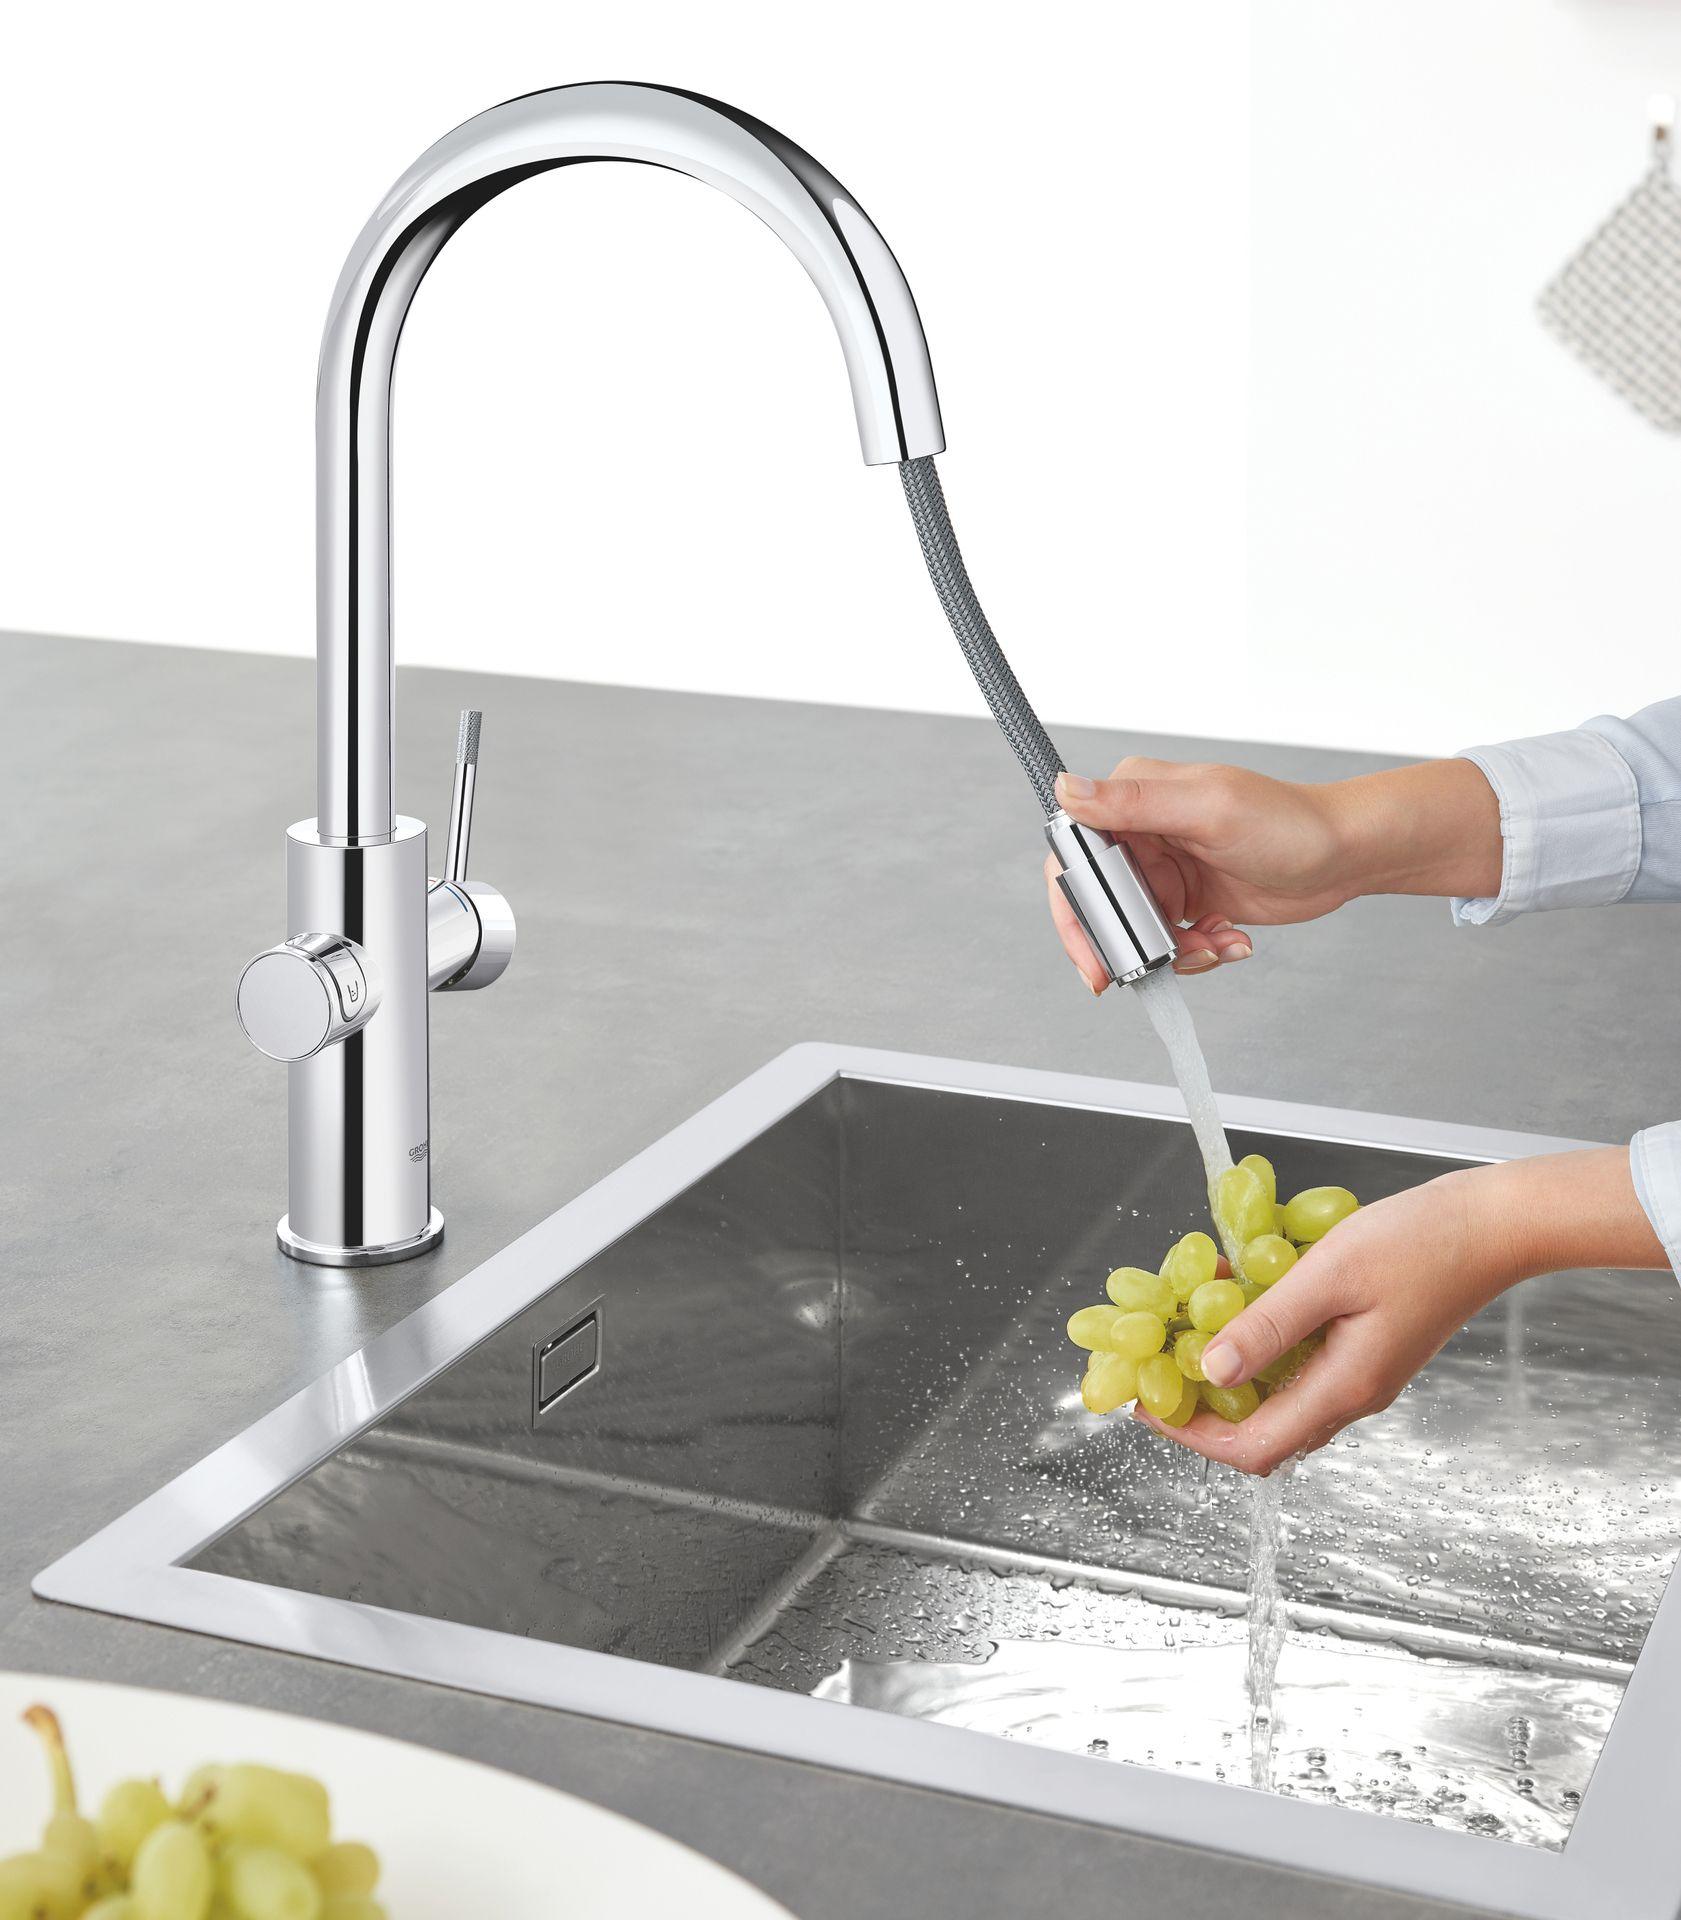 Grohe Wassersysteme Kuchenarmaturen Spulbecken Ais Online De